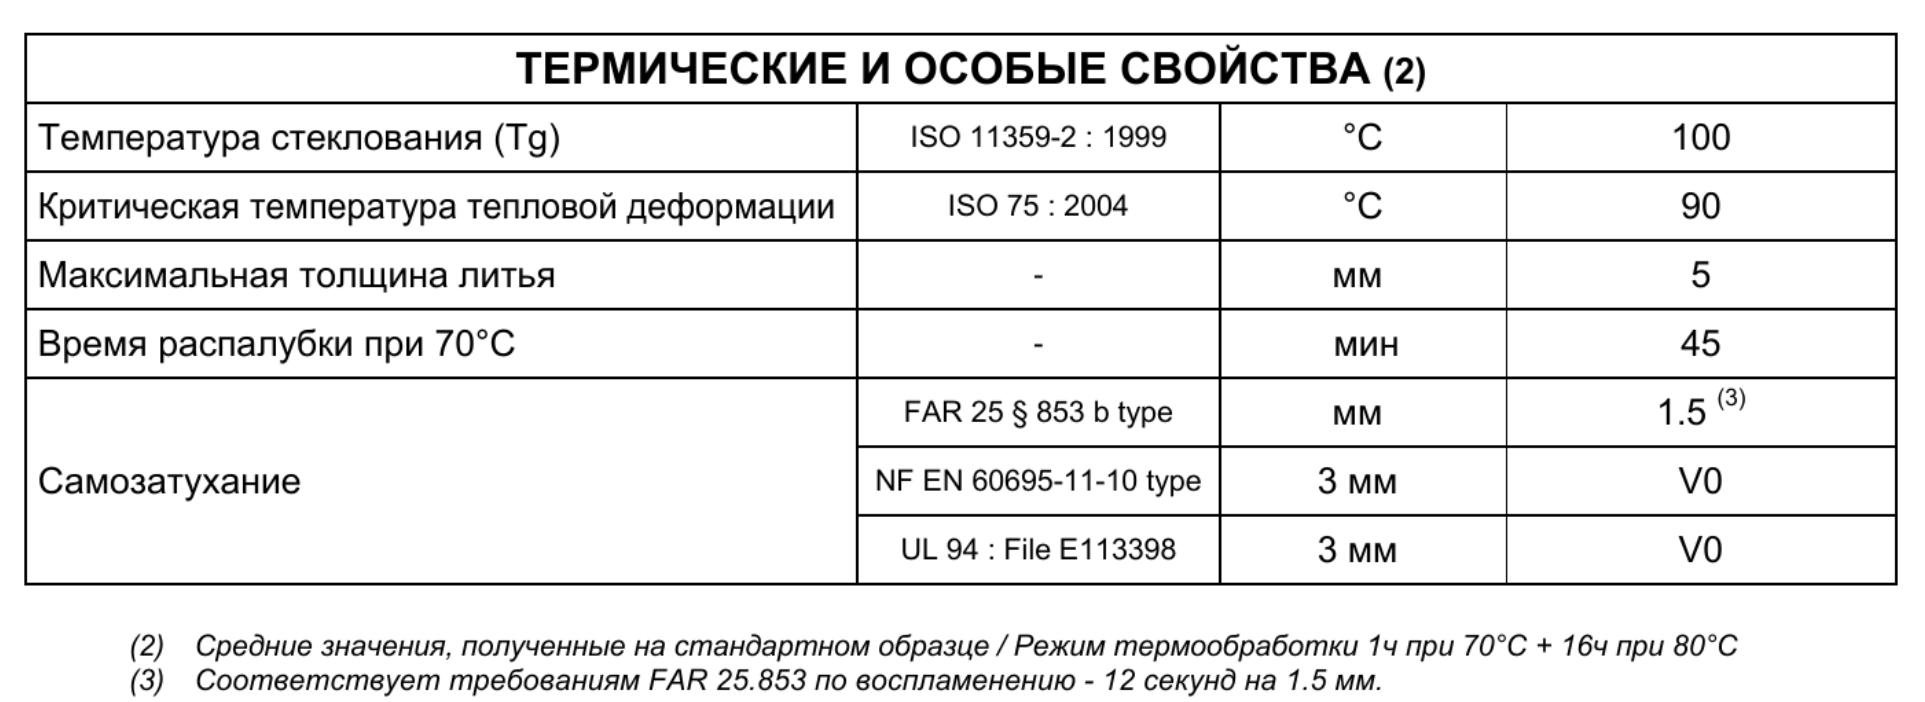 Термические свойства материала AXSON PX 331